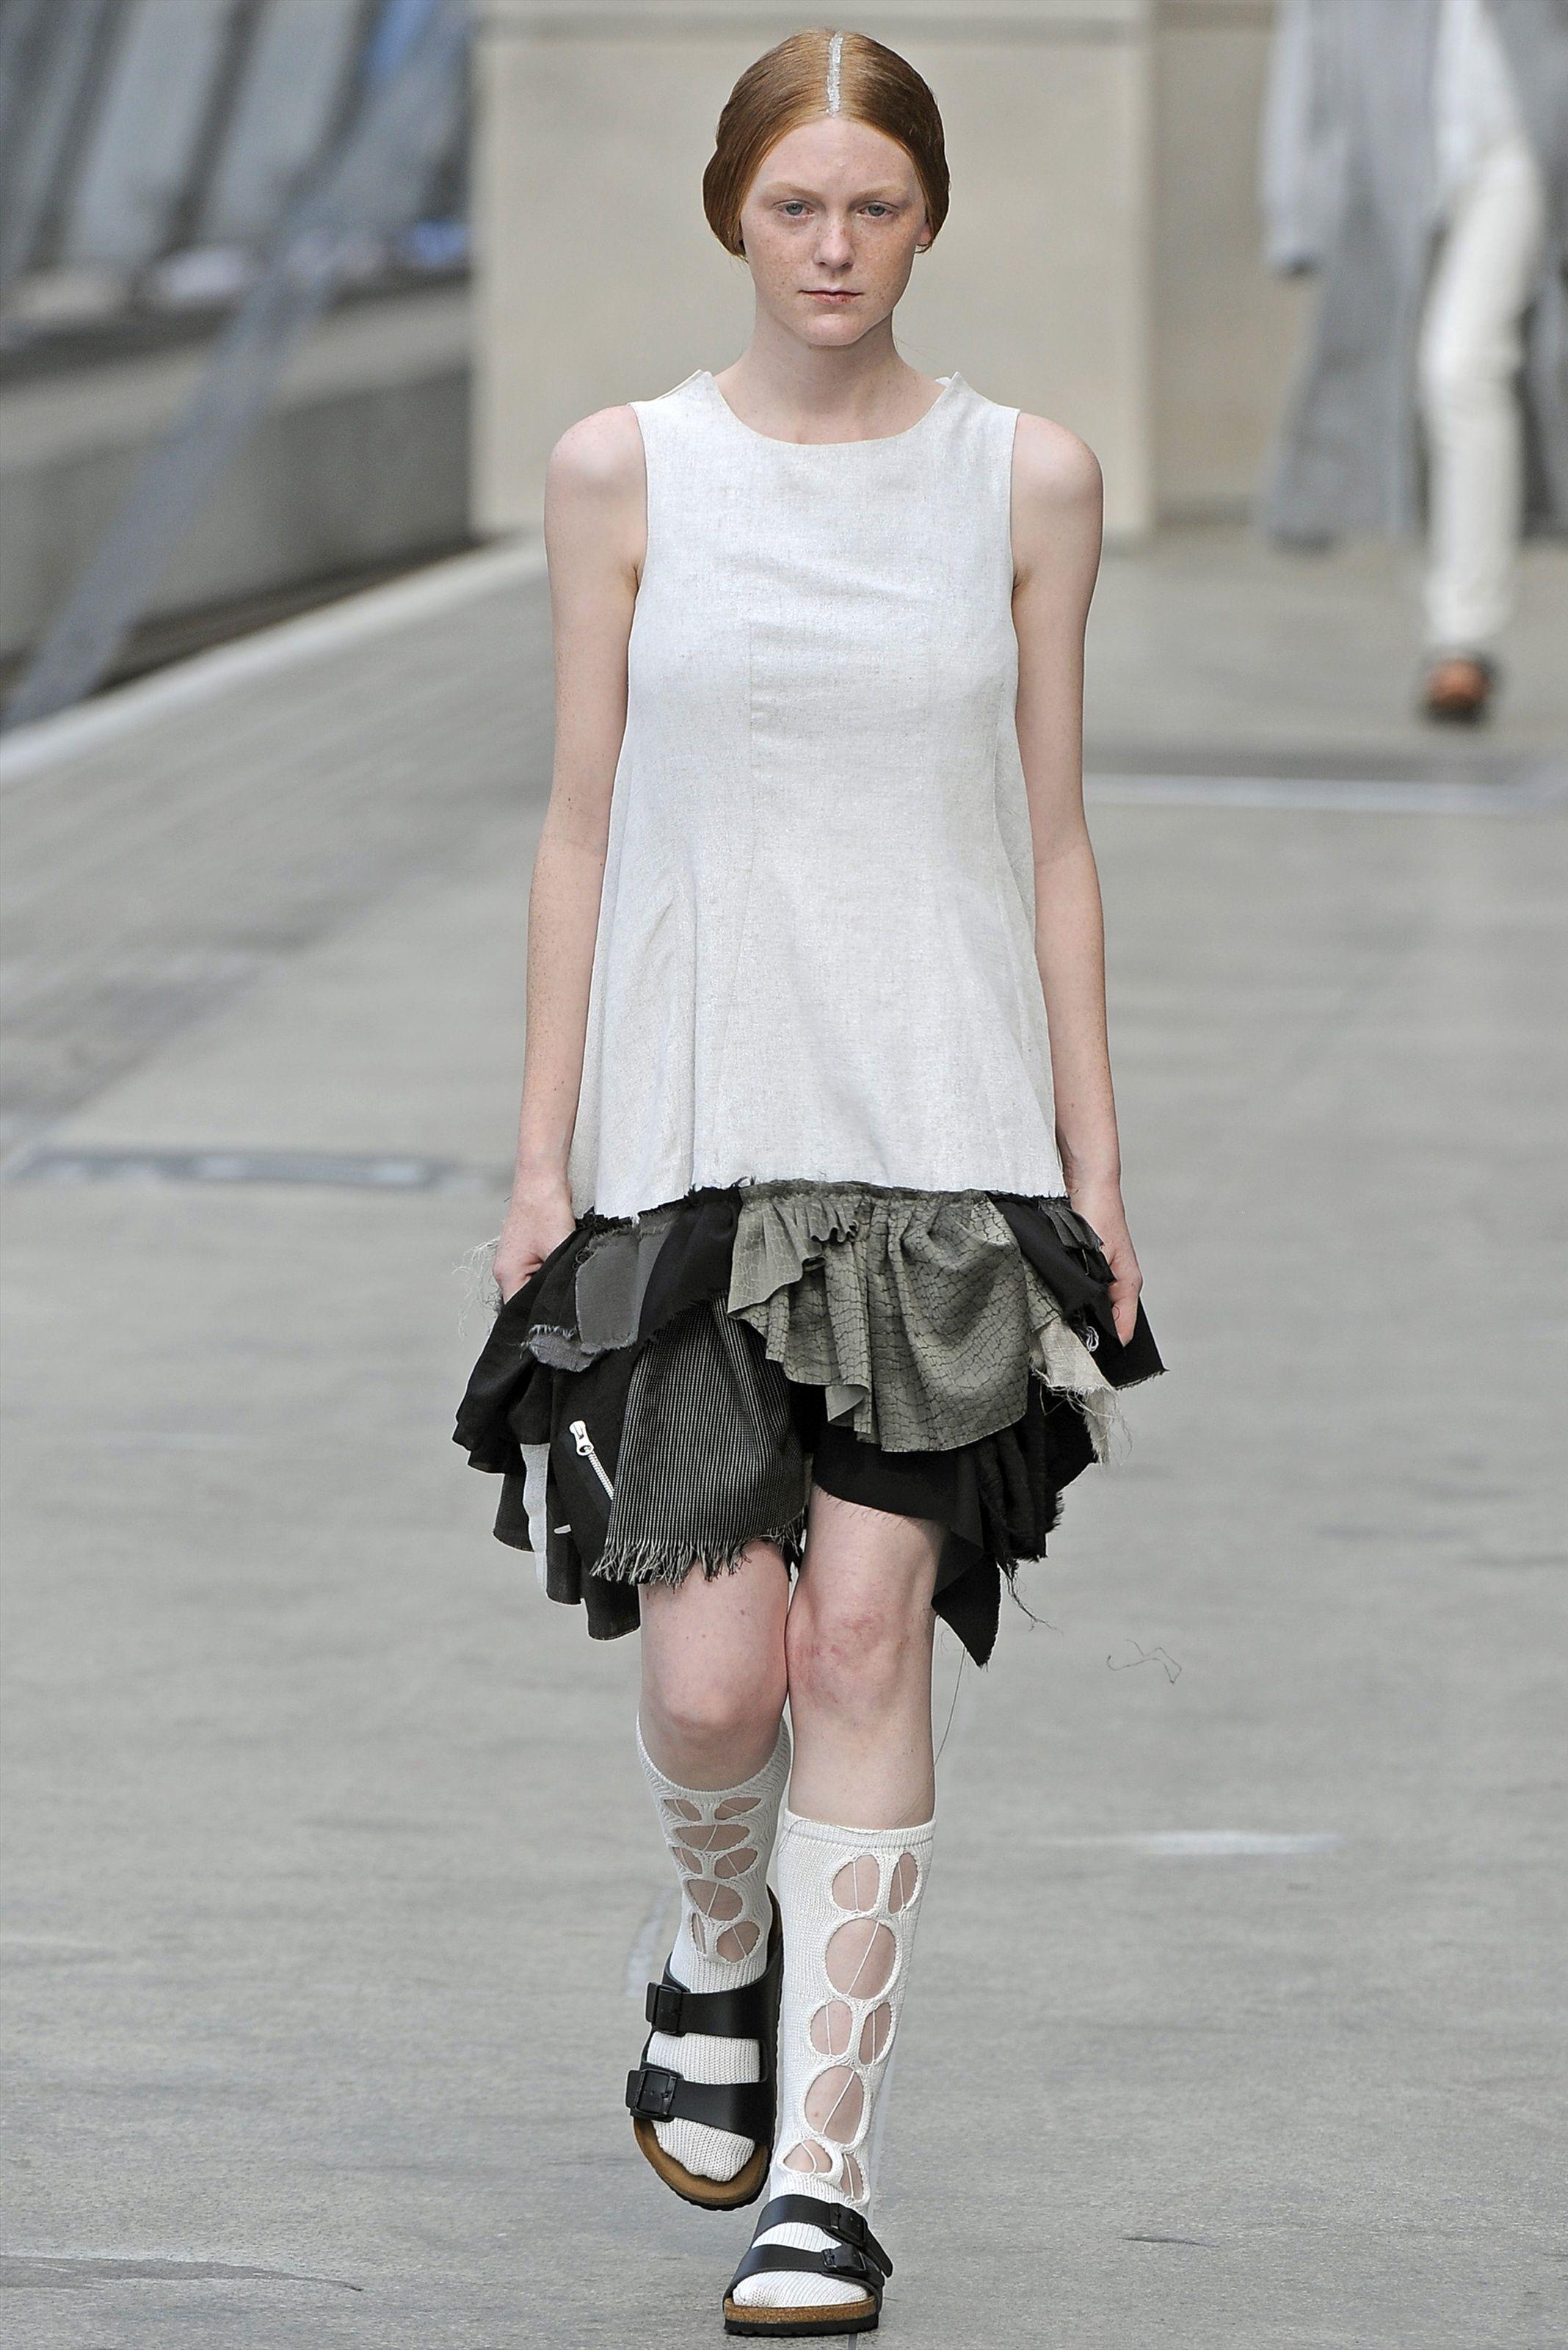 Sfilata Fashion East Londra - Collezioni Primavera Estate 2011 - Vogue